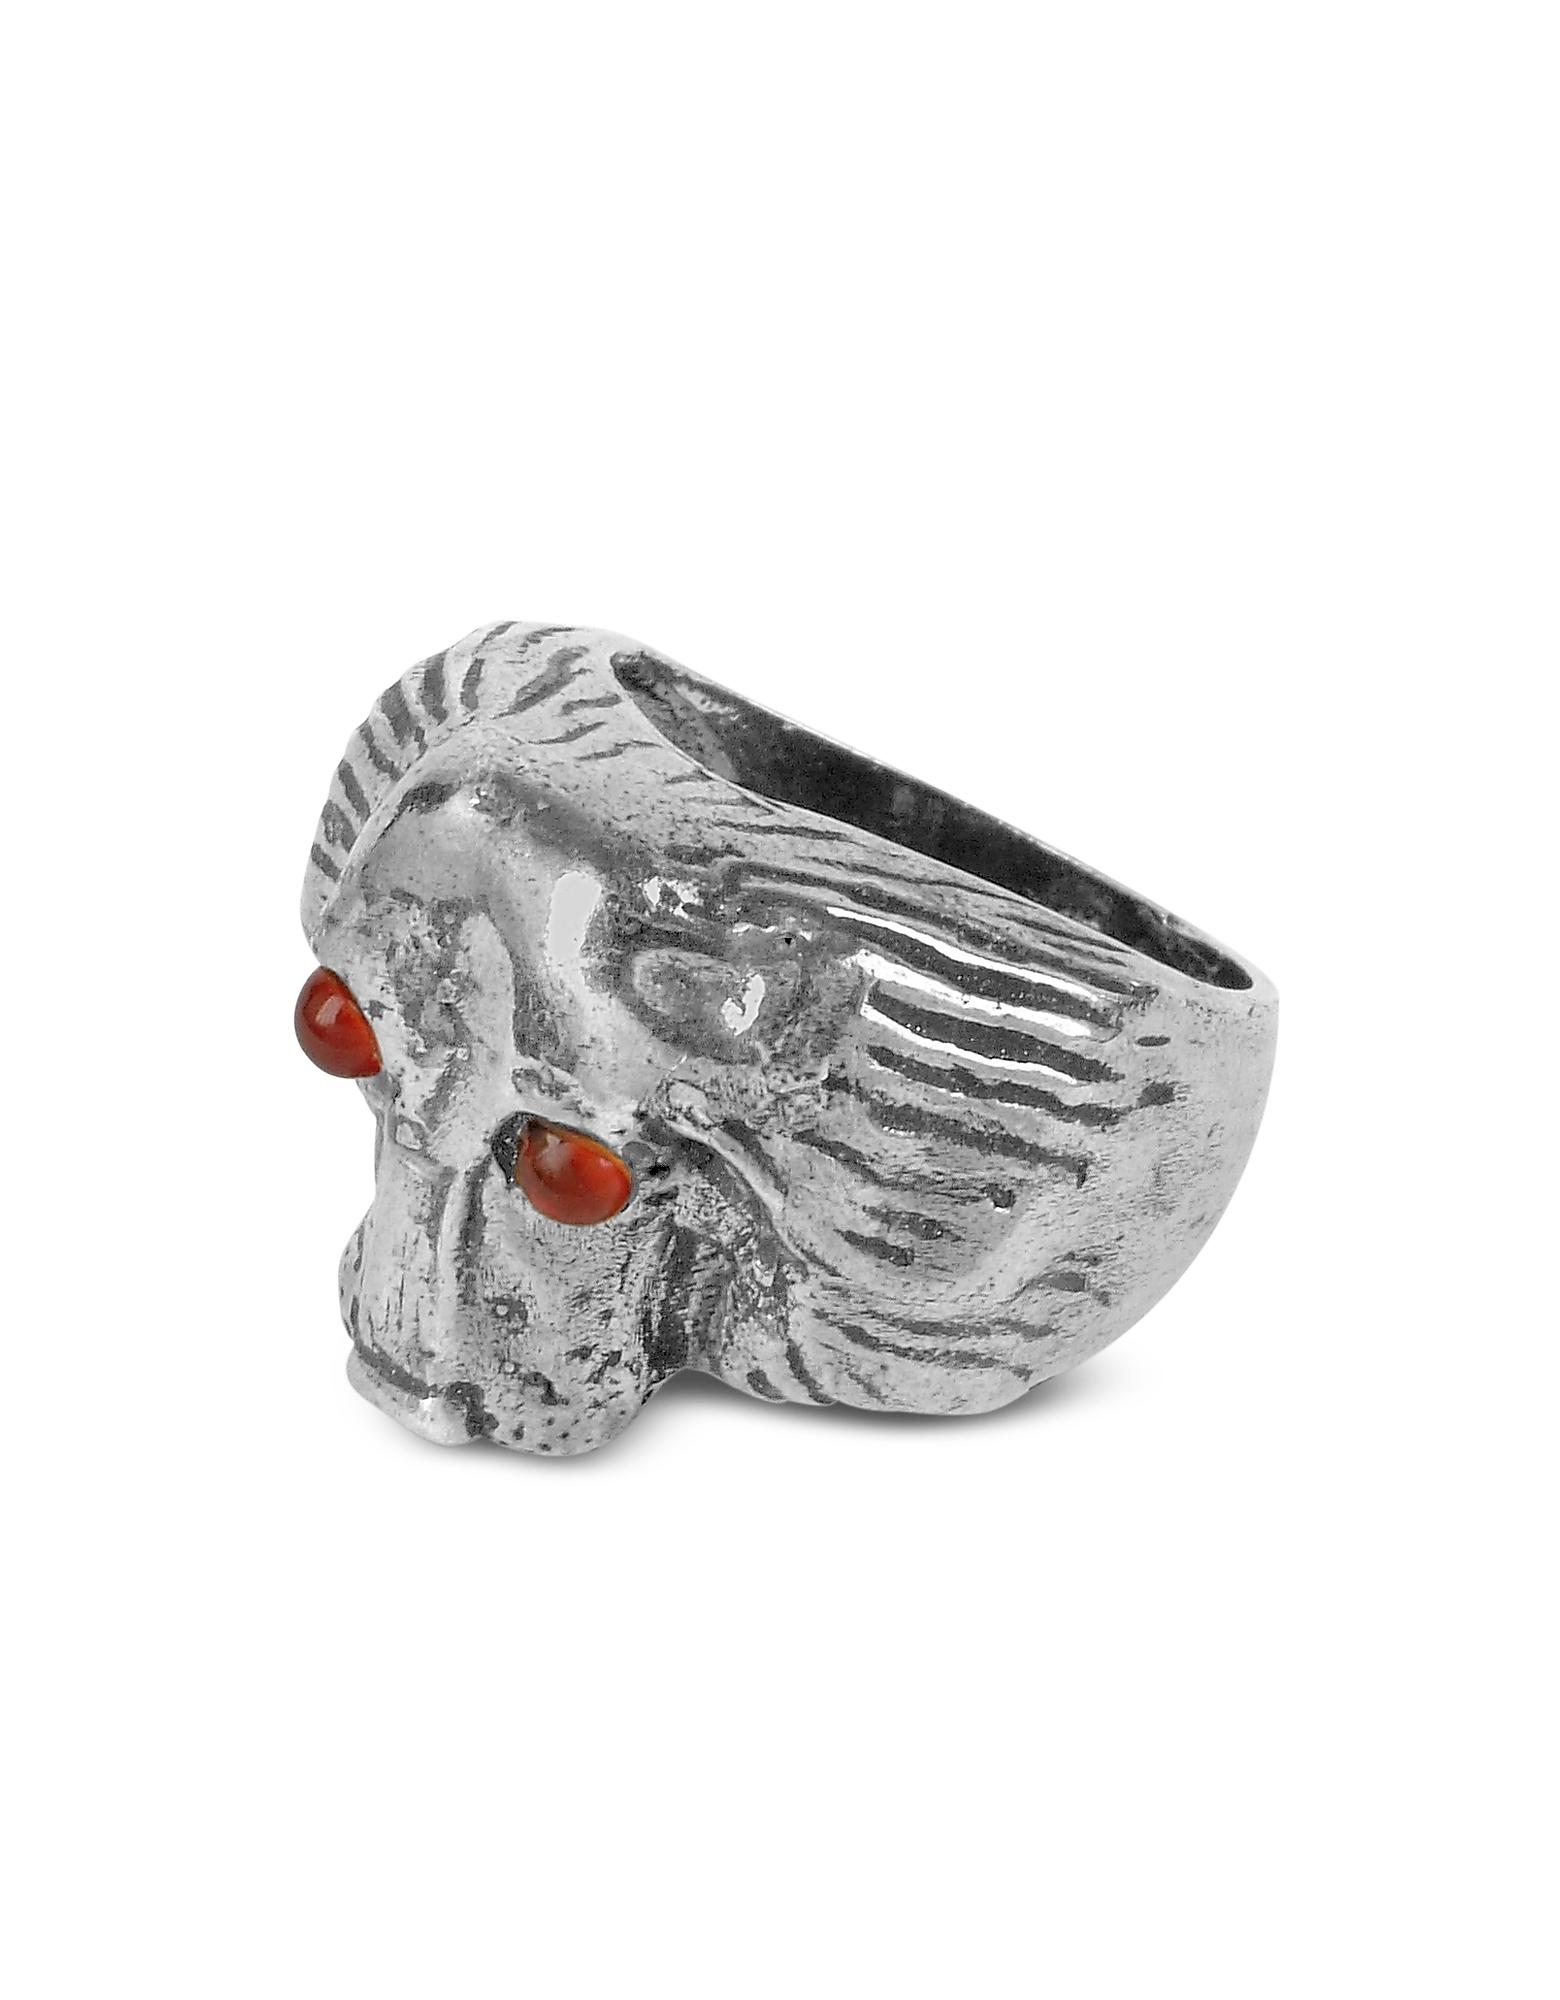 Vintage Setter Sterling Silver Ring